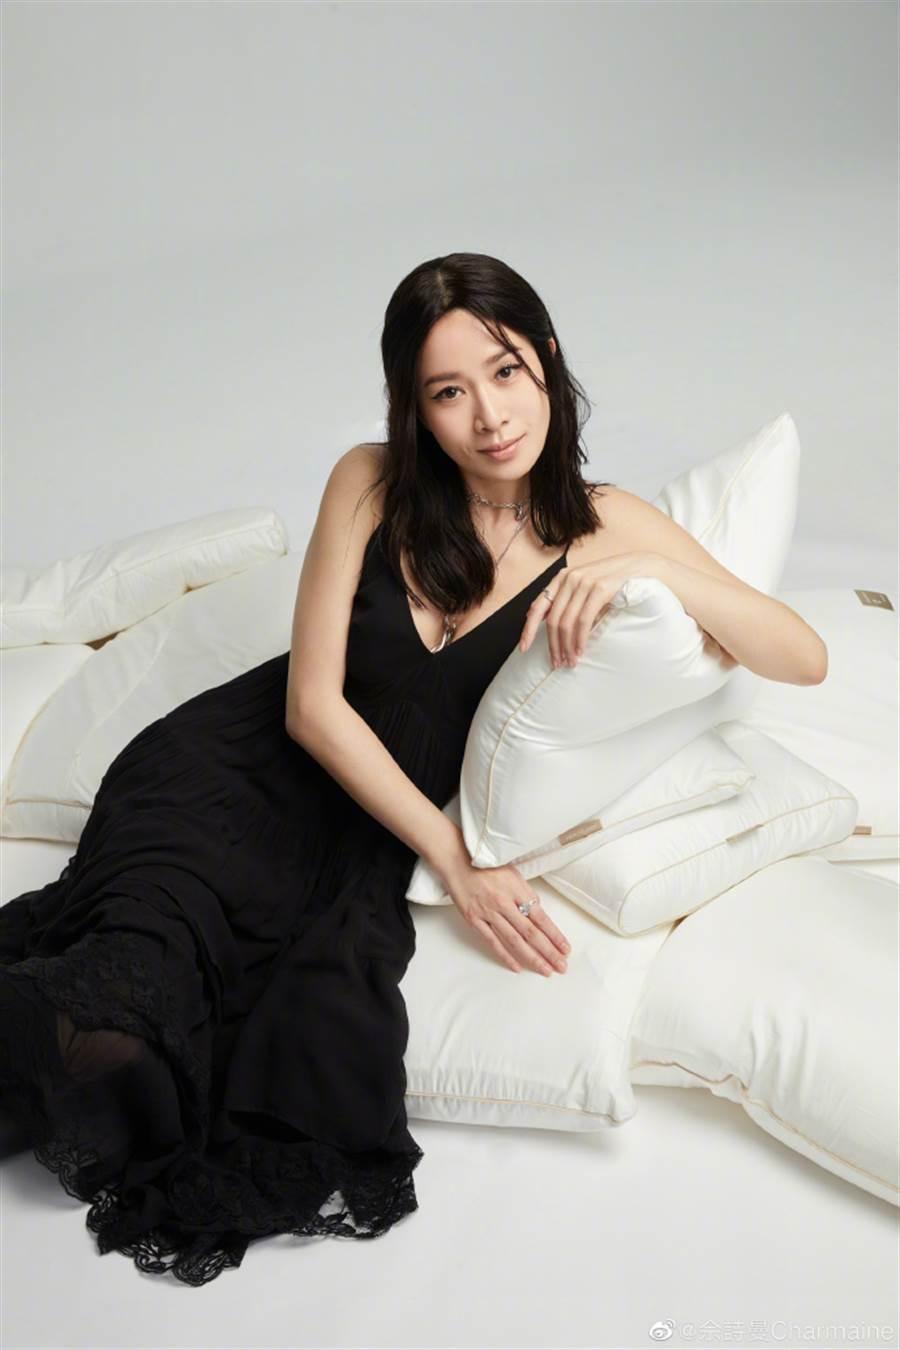 香港女星佘詩曼穿上宛如居家服的黑色細肩帶洋裝火辣出鏡。(圖/摘自微博@佘詩曼Charmaine)